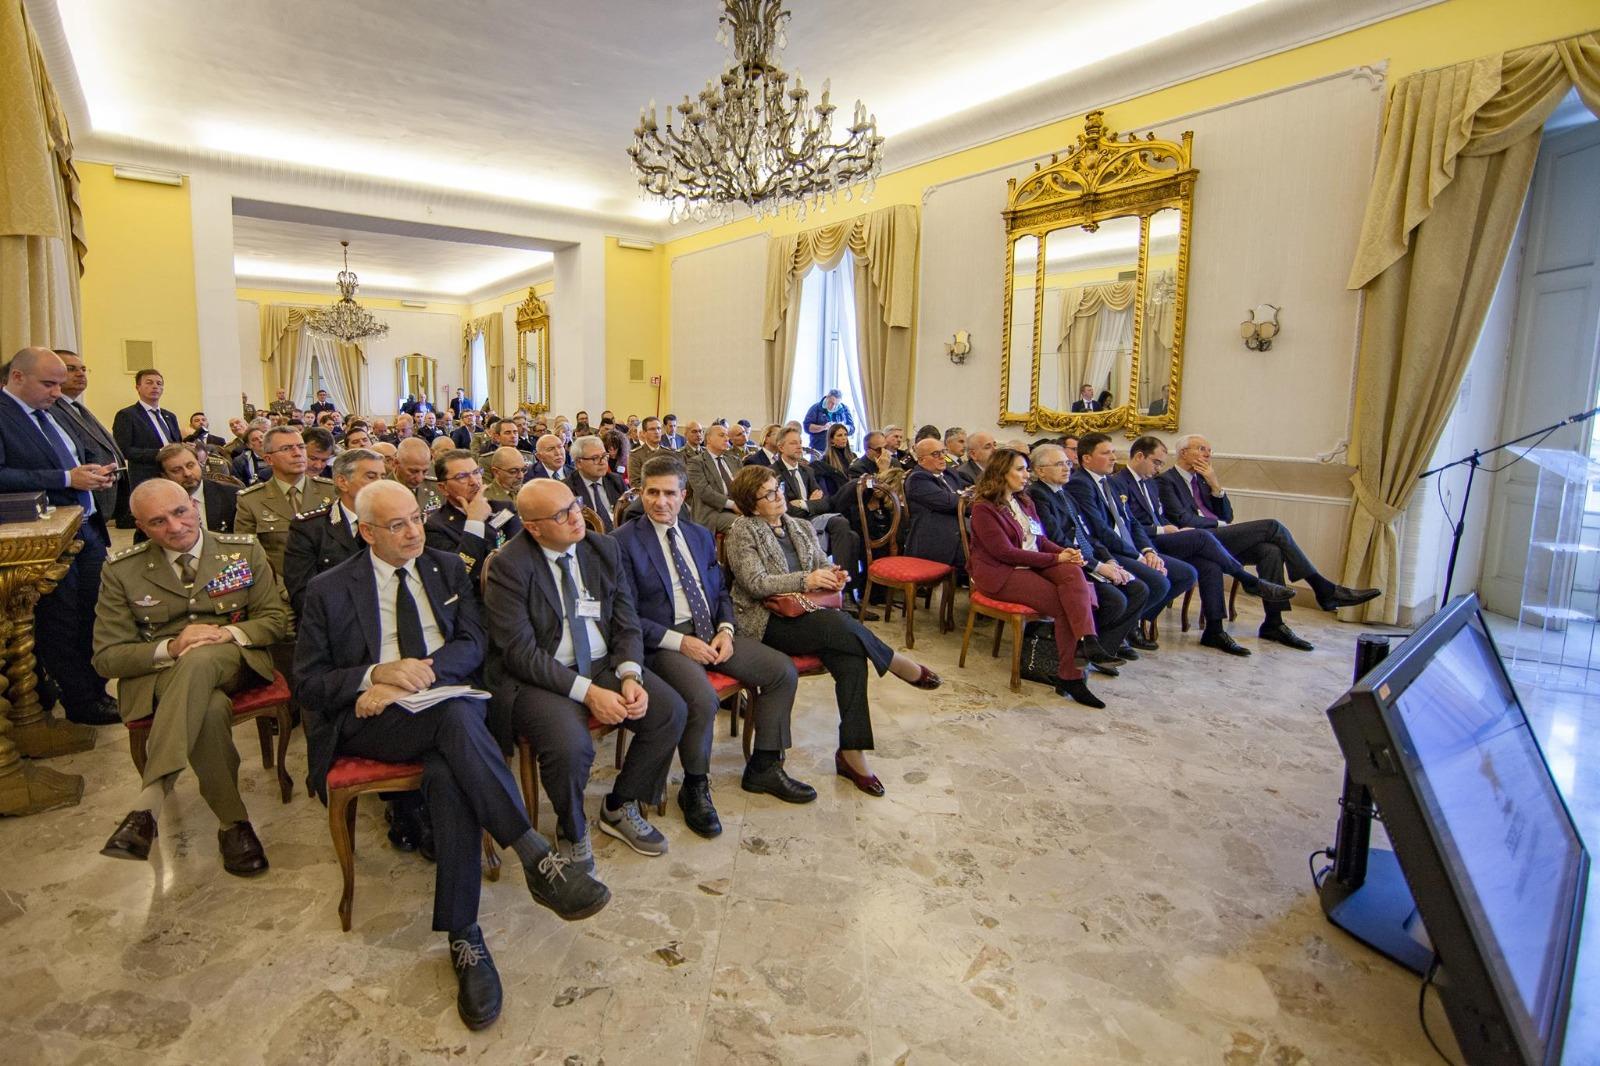 Presentazione Caserme Verdi -Napoli (4)